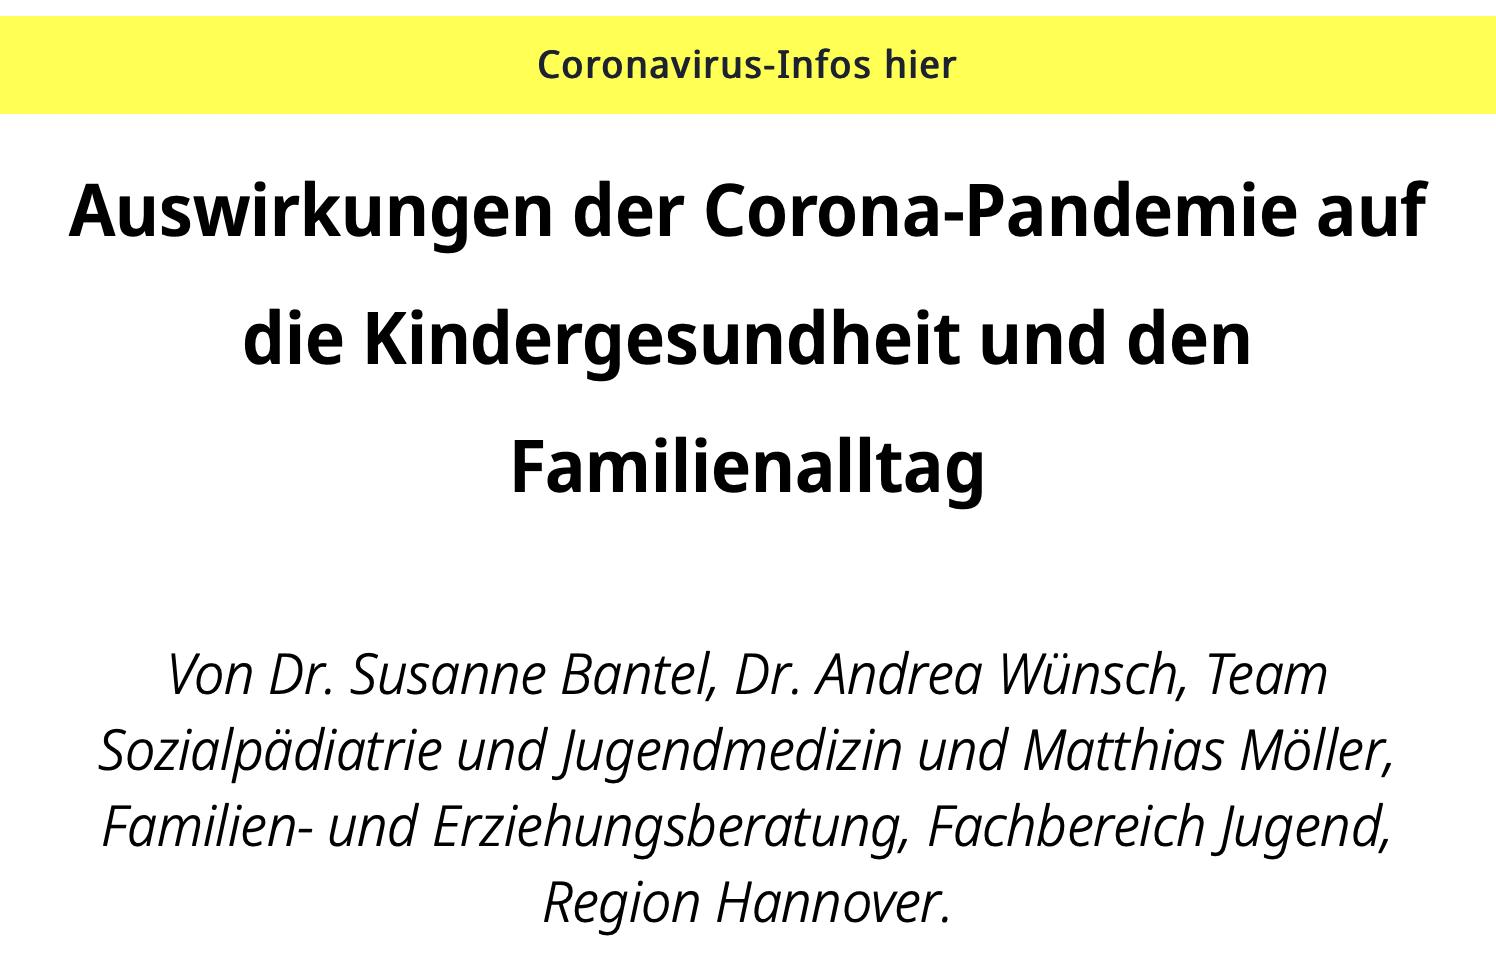 Generation Alpha Trends - Kindergesundheit und Familienalltag - Update Q2-2021 von Simon Schnetzer